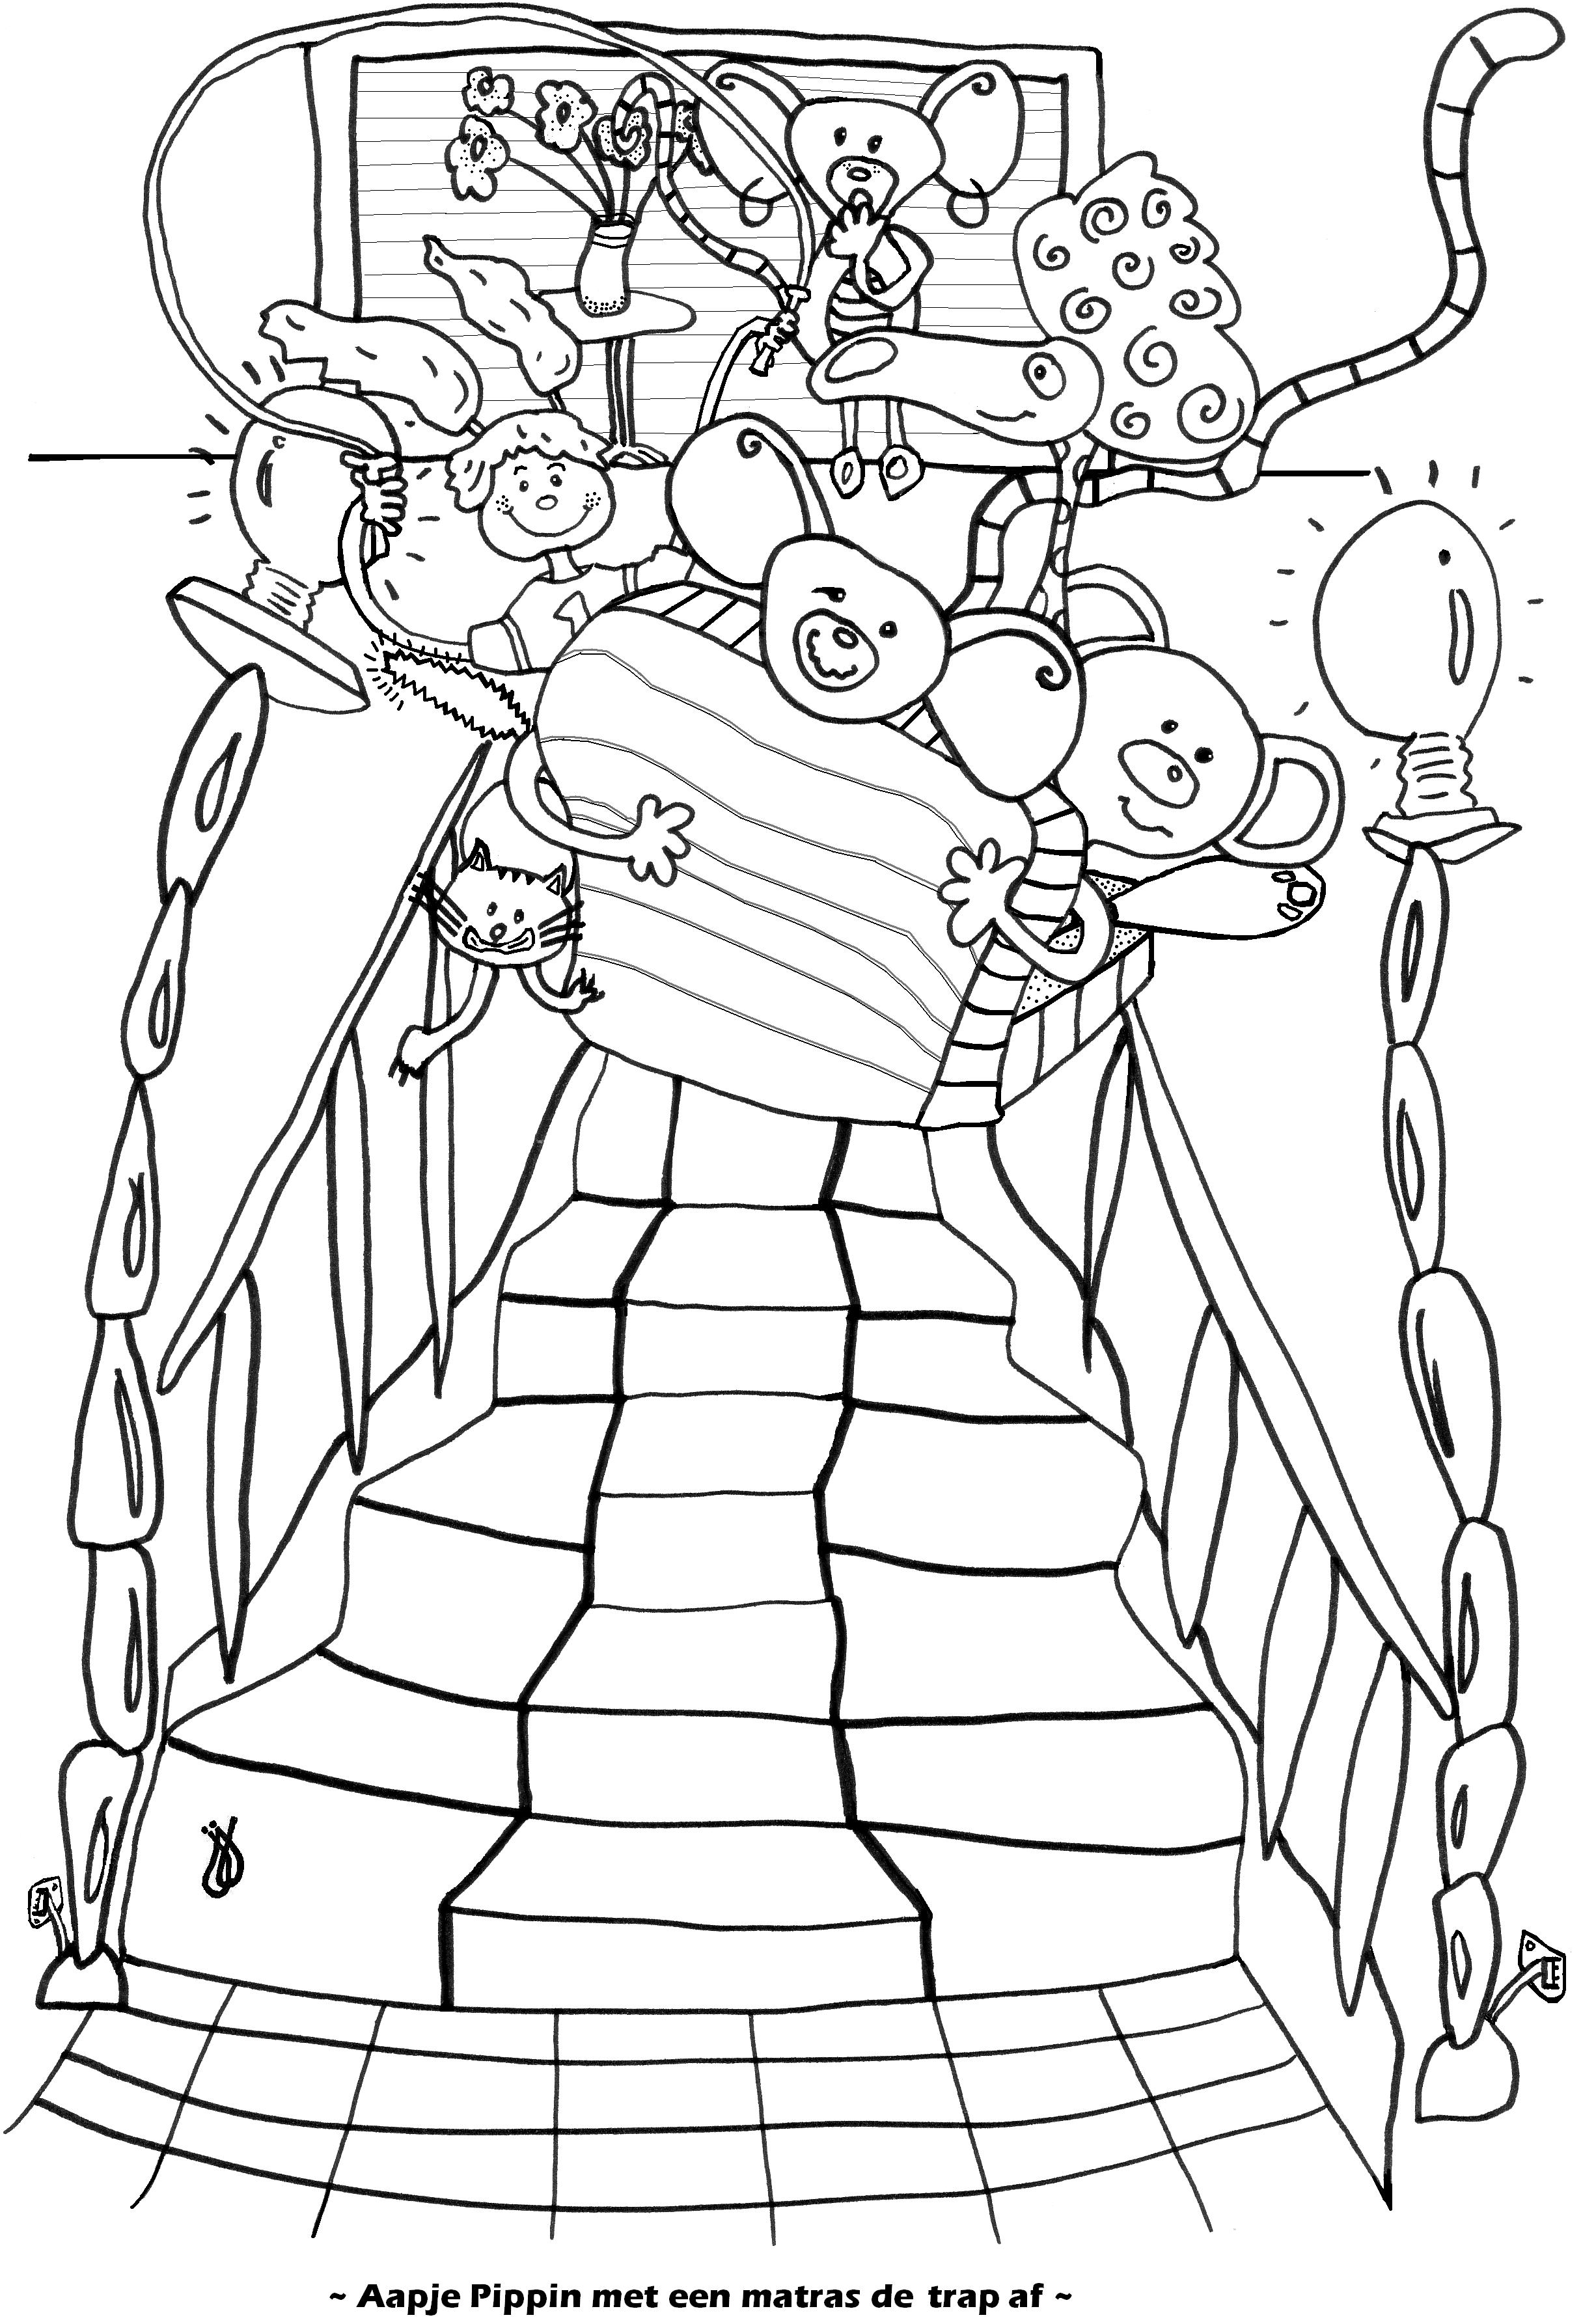 Aapje Pippin met een matras de trap af